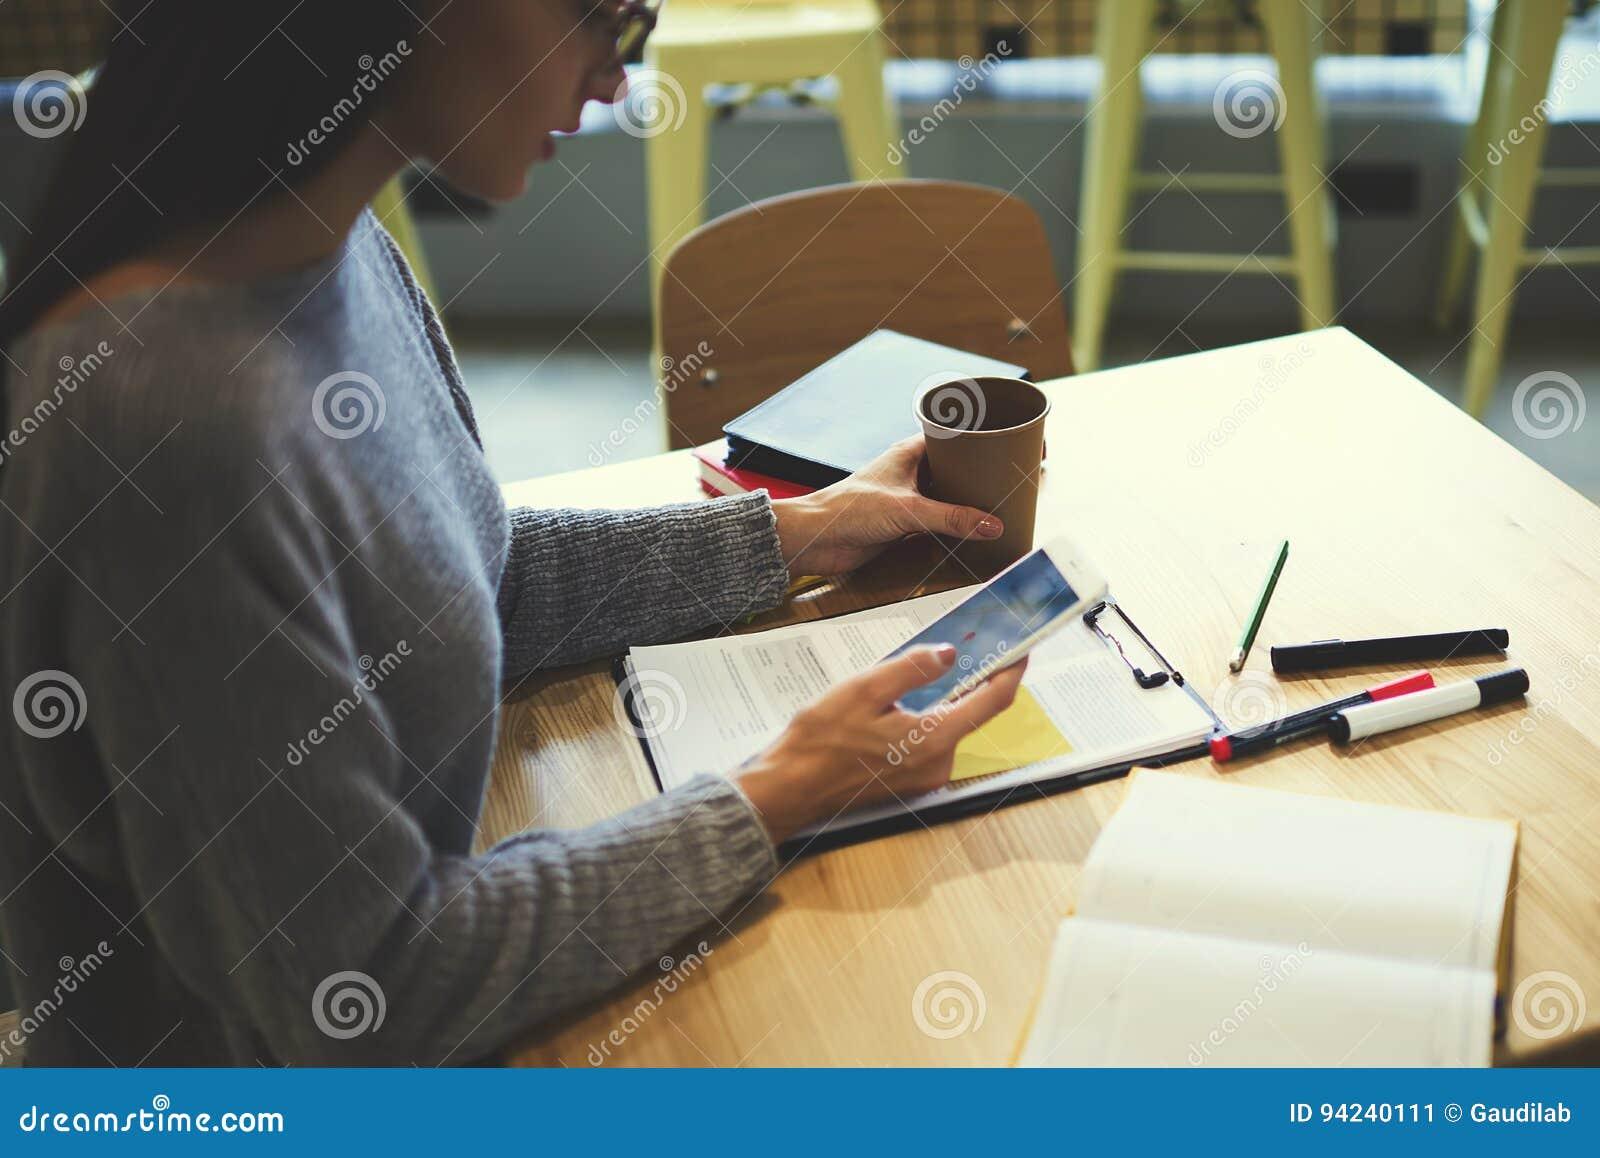 Девушка брюнет в стеклах выполняет ежедневную работу через smartphone соединенный к лучшему другу беспроволочного интернета ждать